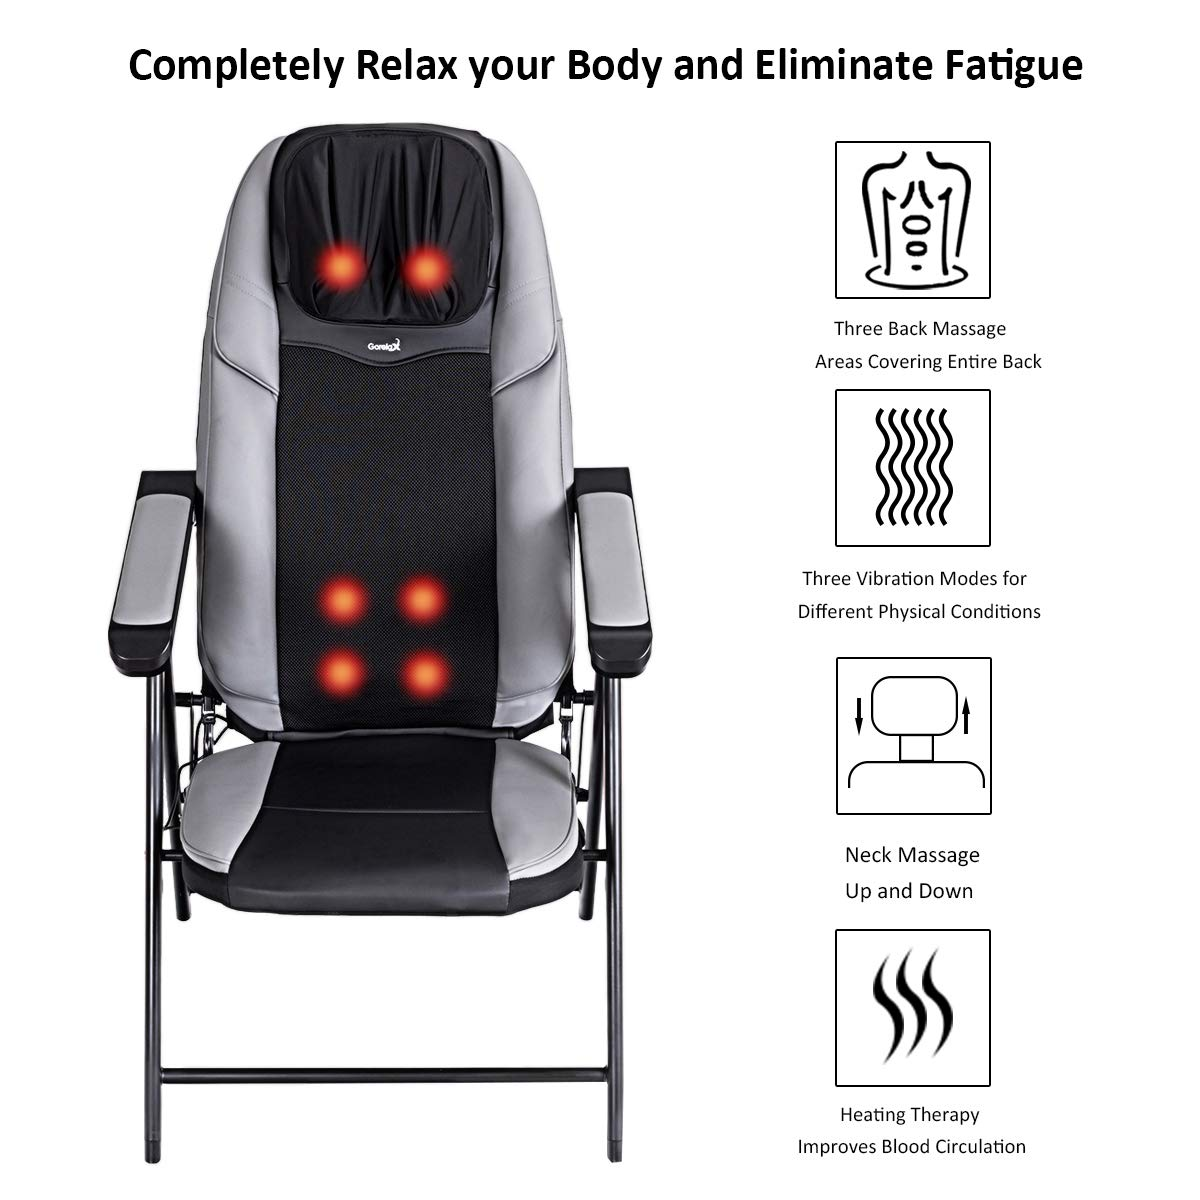 Amazon.com: Giantex - Sillón masajeador portátil para el ...